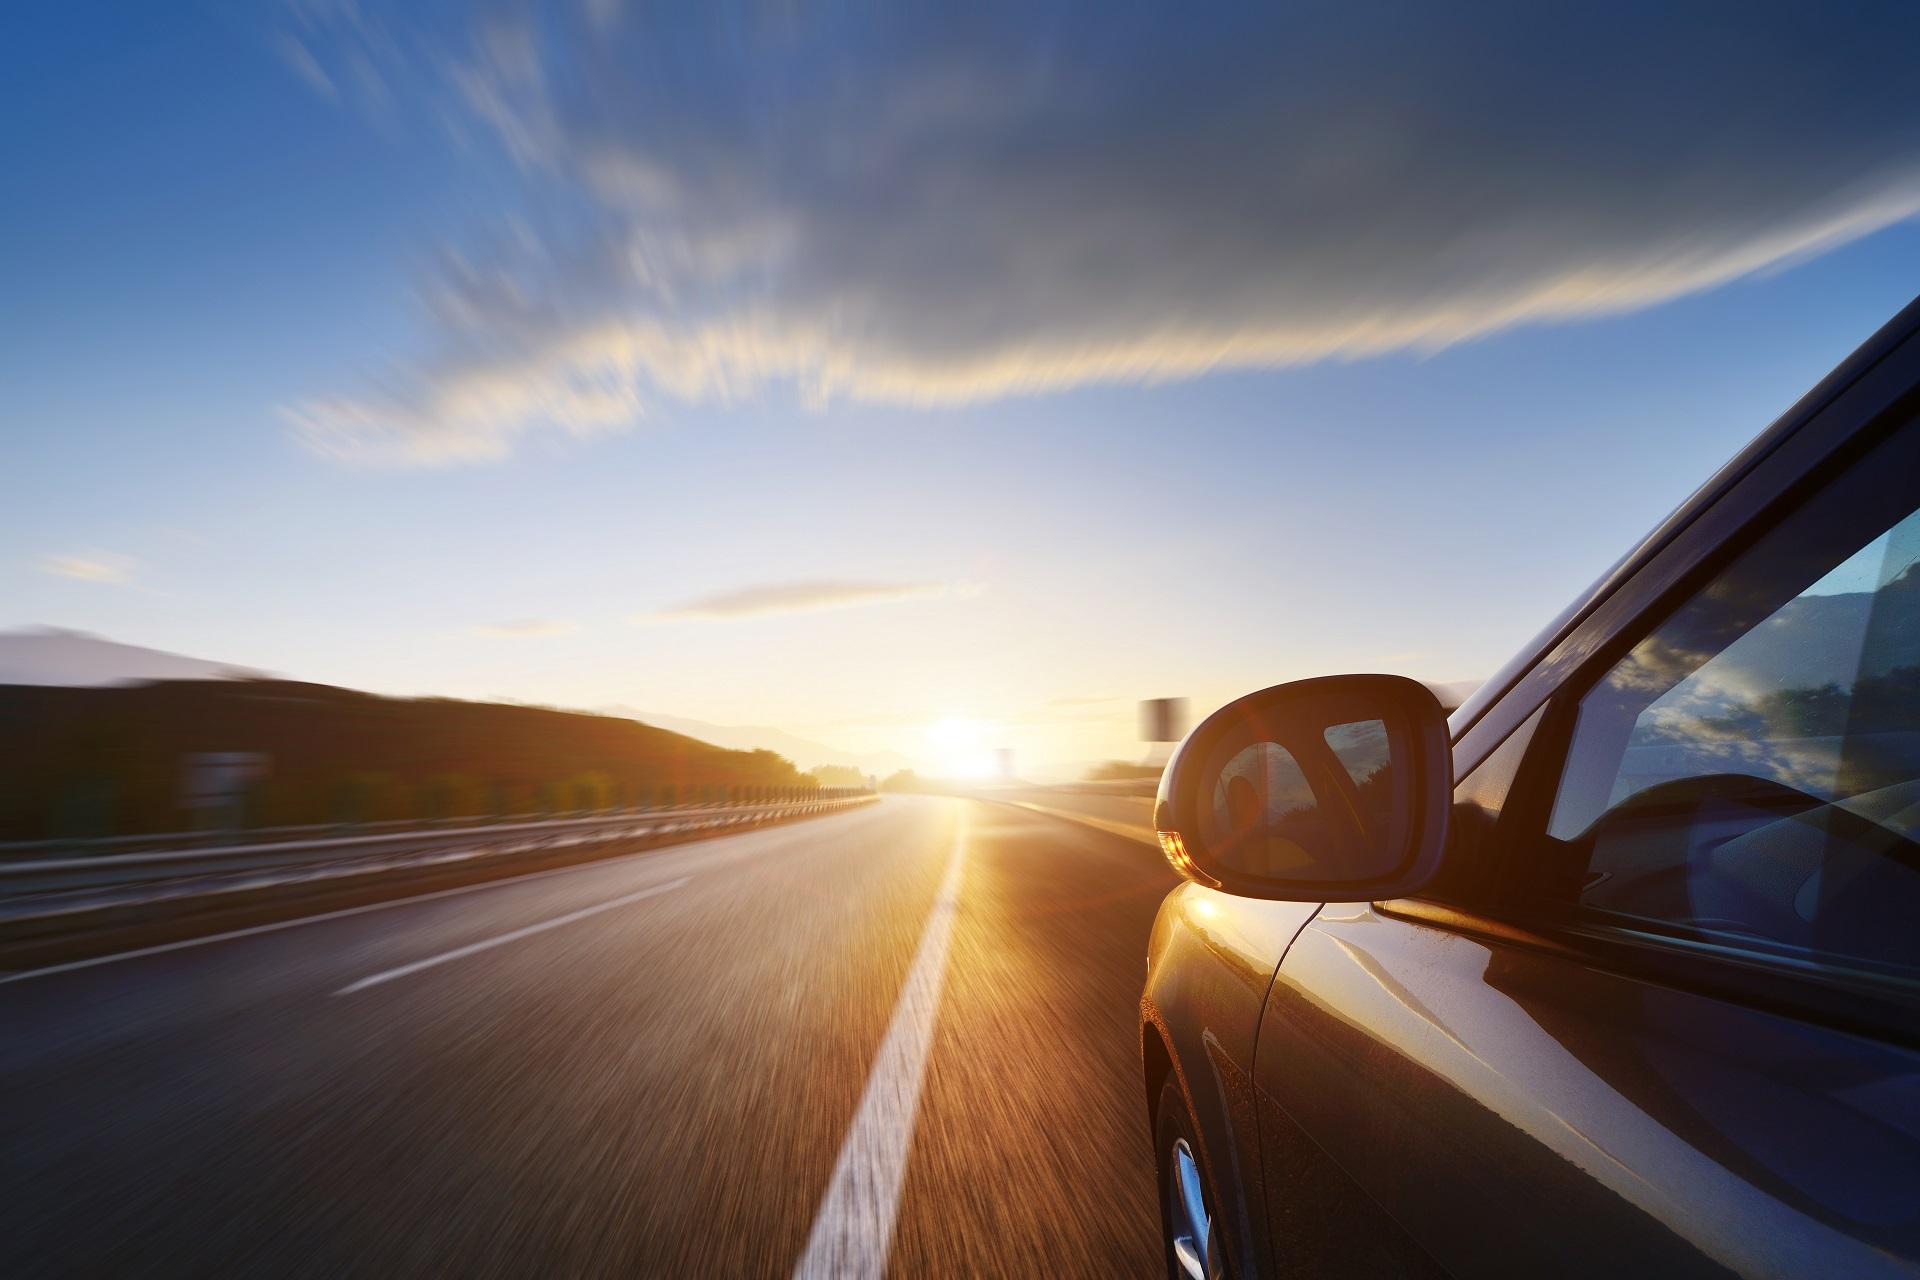 Gratis Mietwagen - Geld sparen dank Relocation